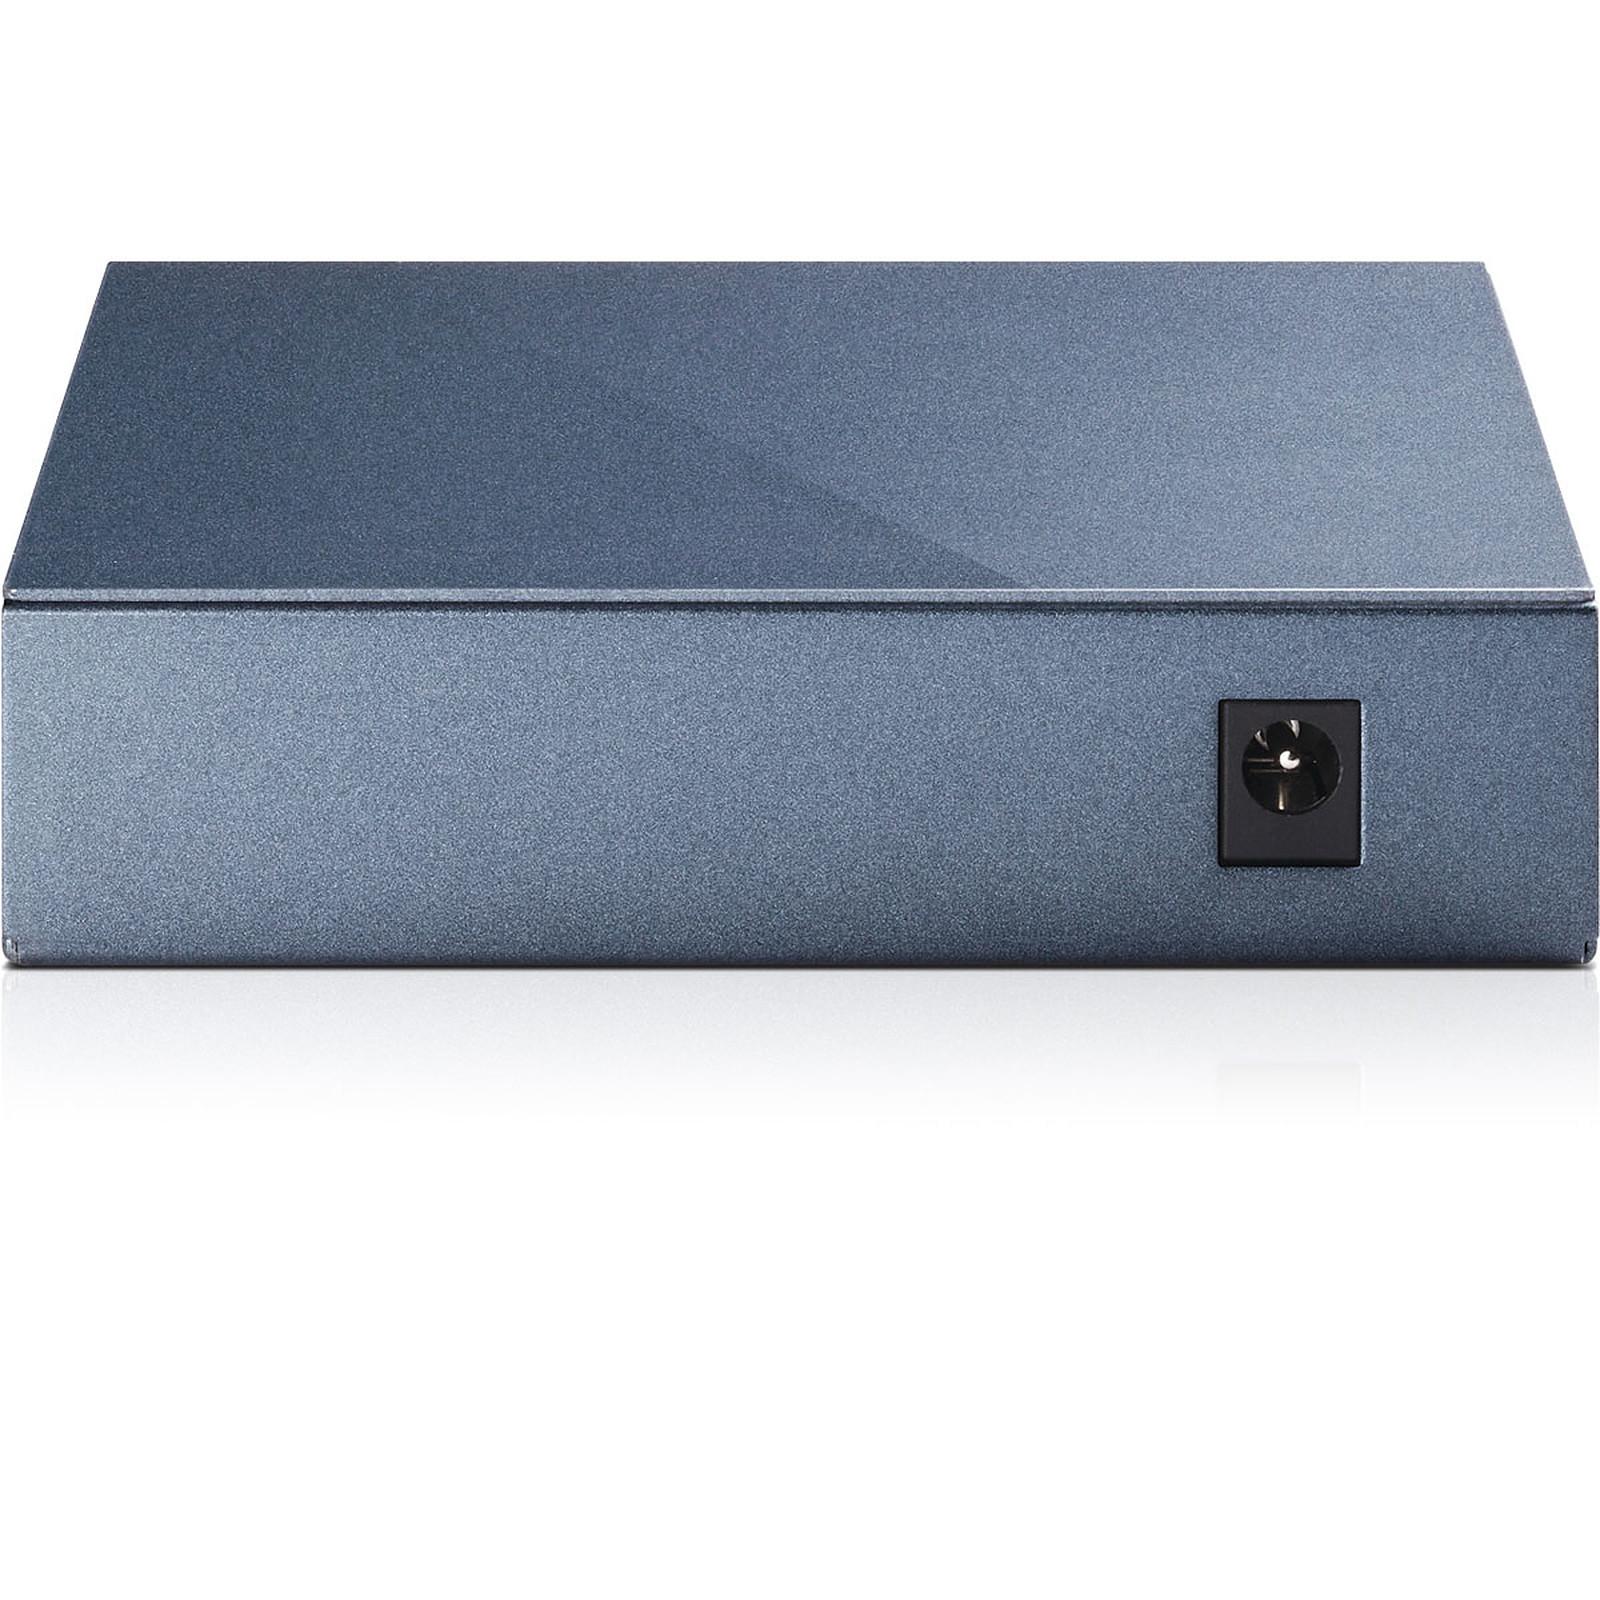 Switch réseau métal Gigabit 5 ports 10,100,1000 Mbps TP-LINK TL-SG105, informatique Reunion, 974, Futur Réunion